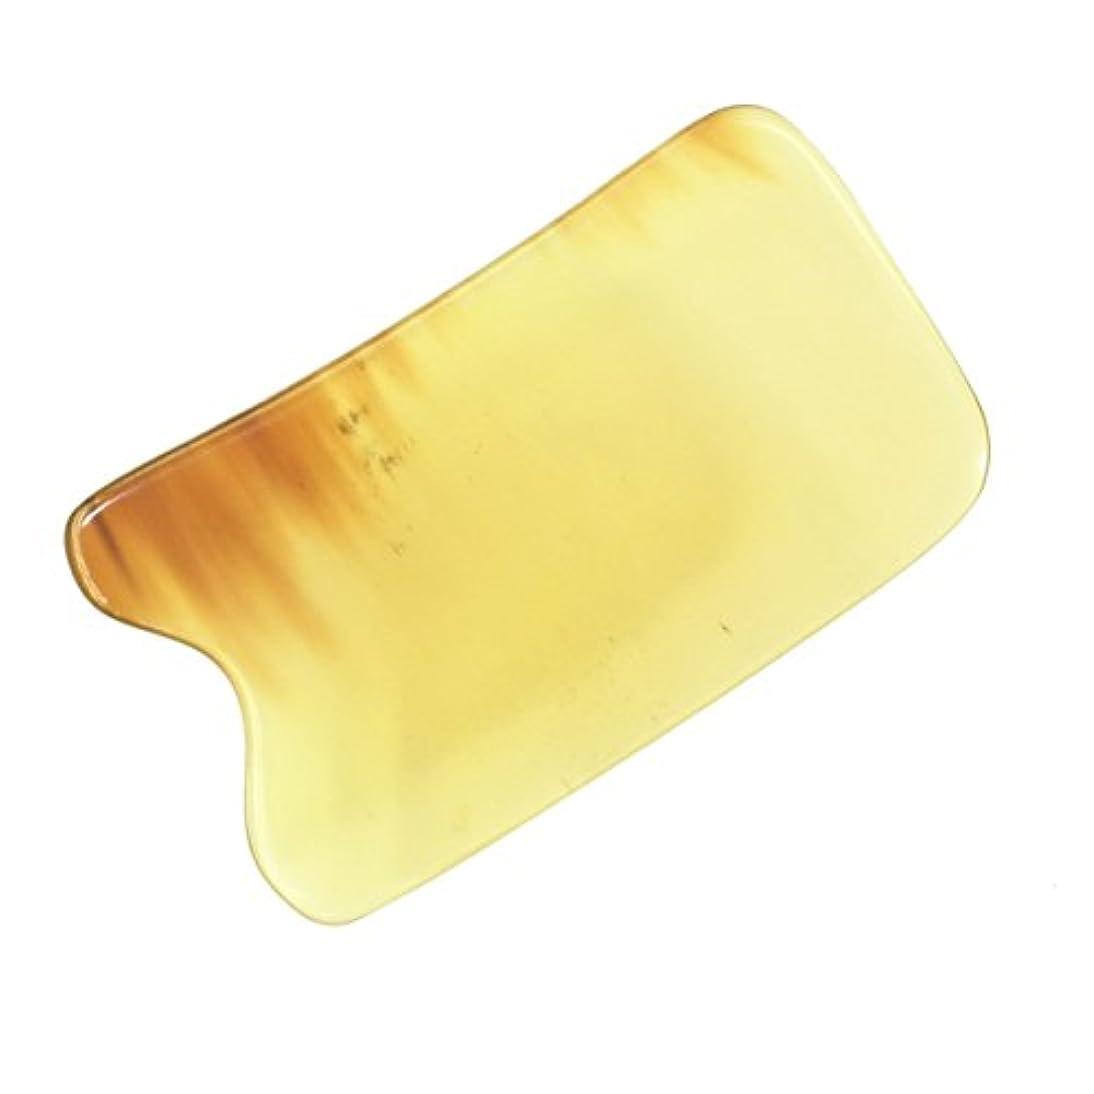 首尾一貫した残高君主制かっさ プレート 厚さが選べる 水牛の角(黄水牛角) EHE219 四角凹 一般品 少し薄め (4ミリ程度)